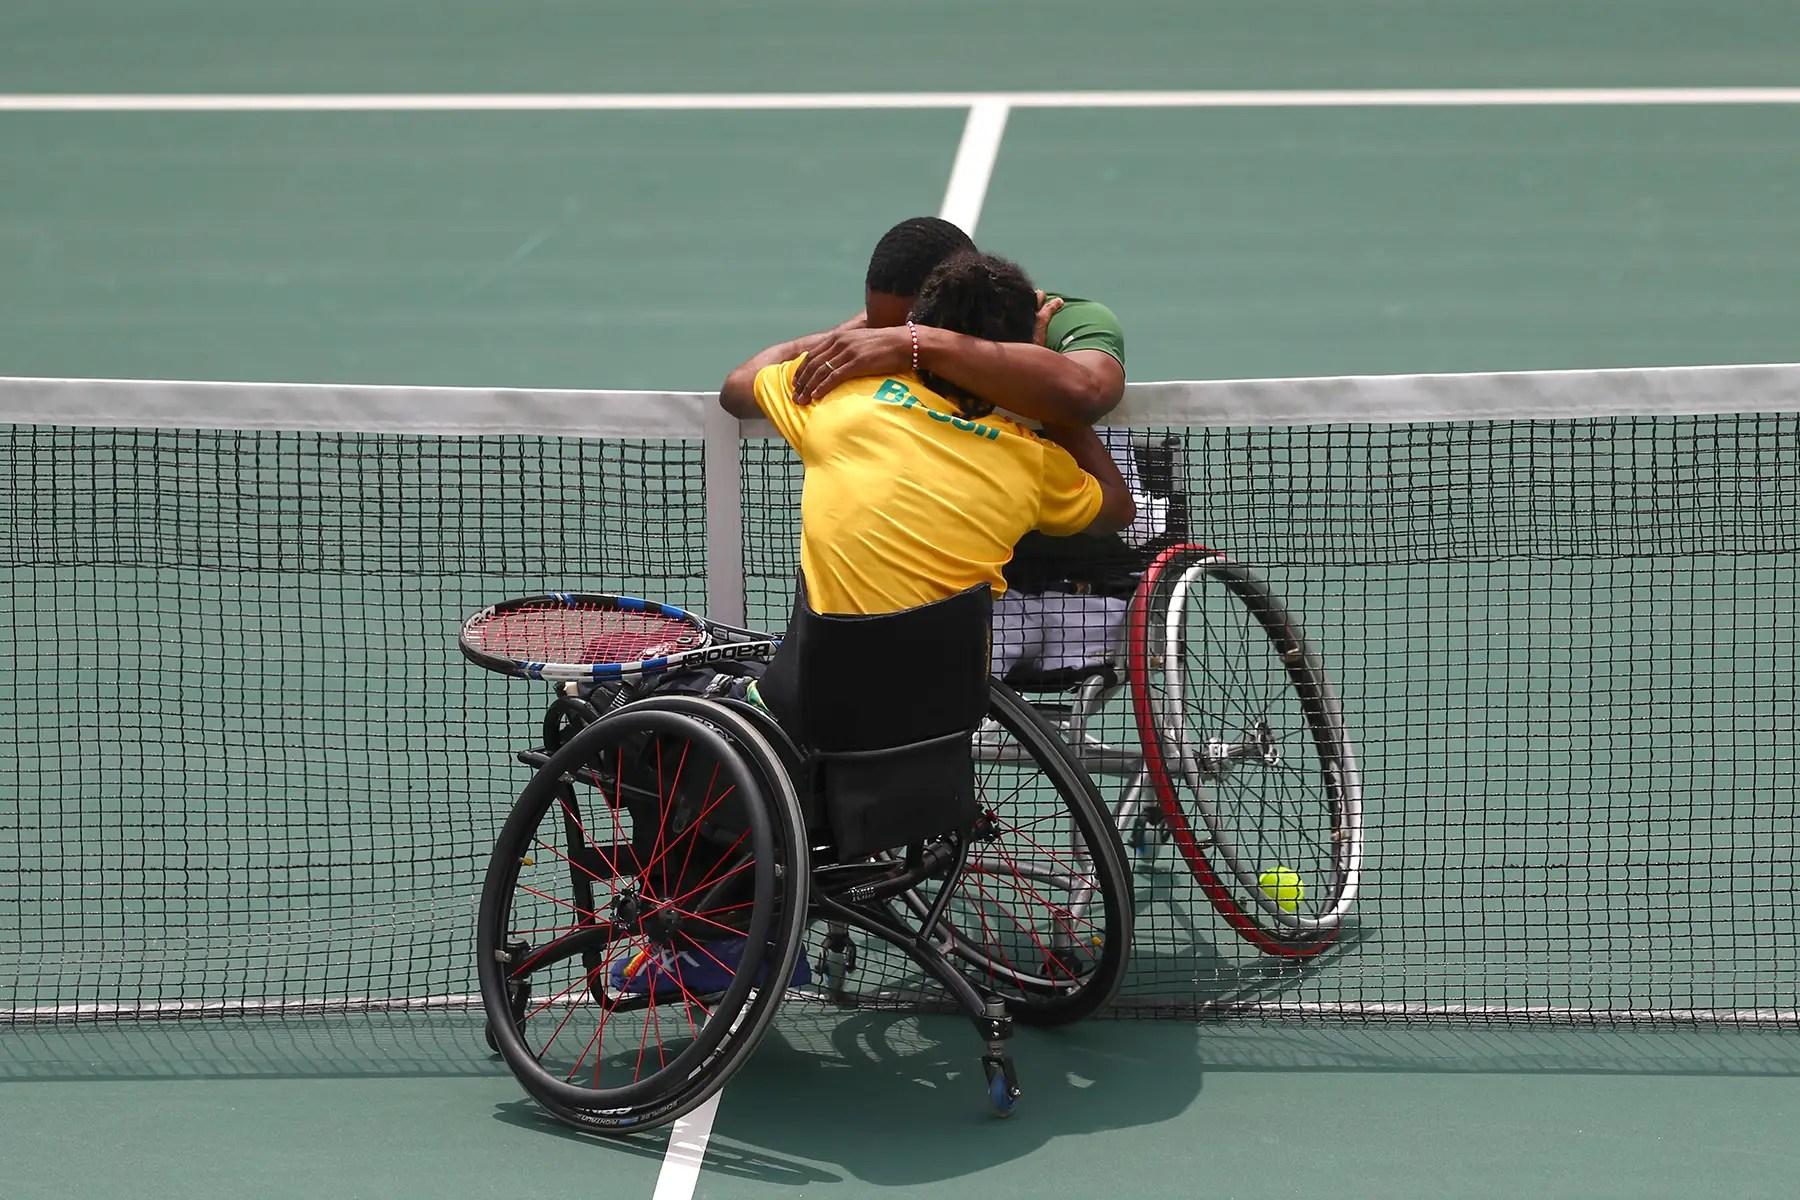 Lucas Sithole de Sudáfrica y Ymanitu Silva de Brasil abrazo después de competir en el tenis en silla de ruedas.